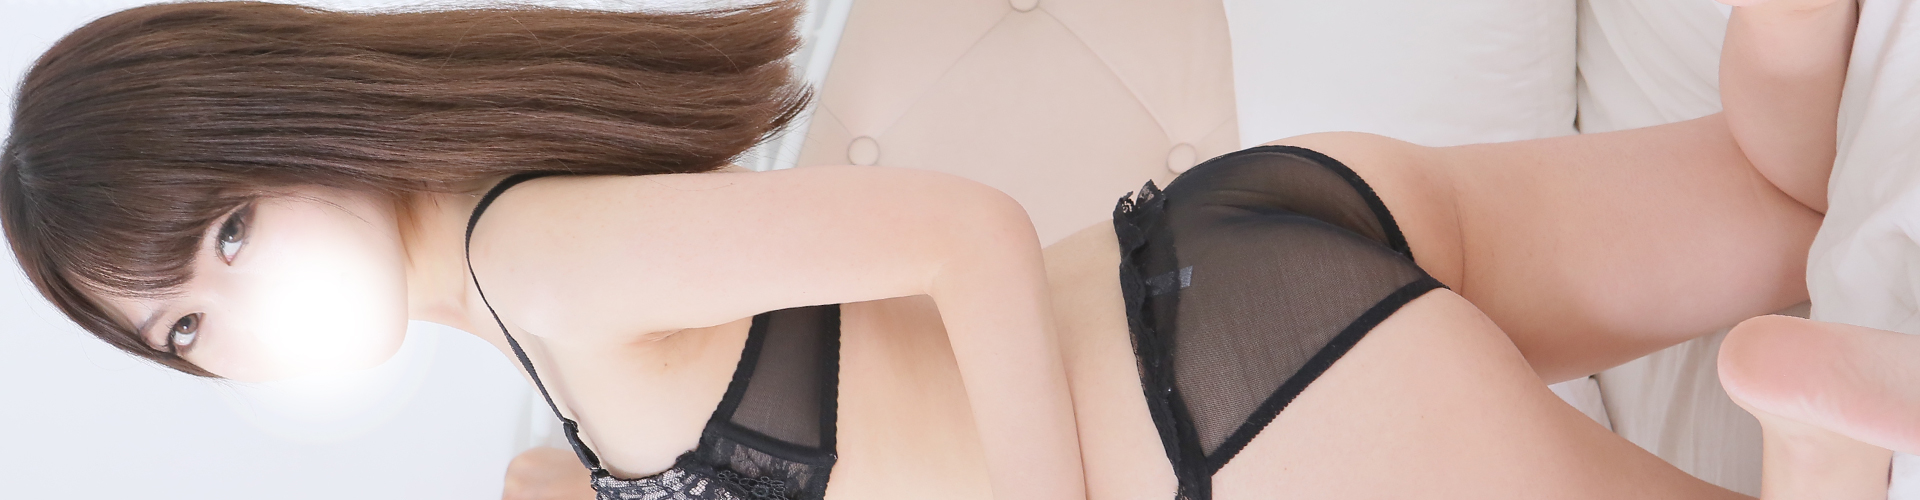 千葉風俗・千葉市発デリヘル風俗【キャンパスサミット千葉店】モデルみかん写真